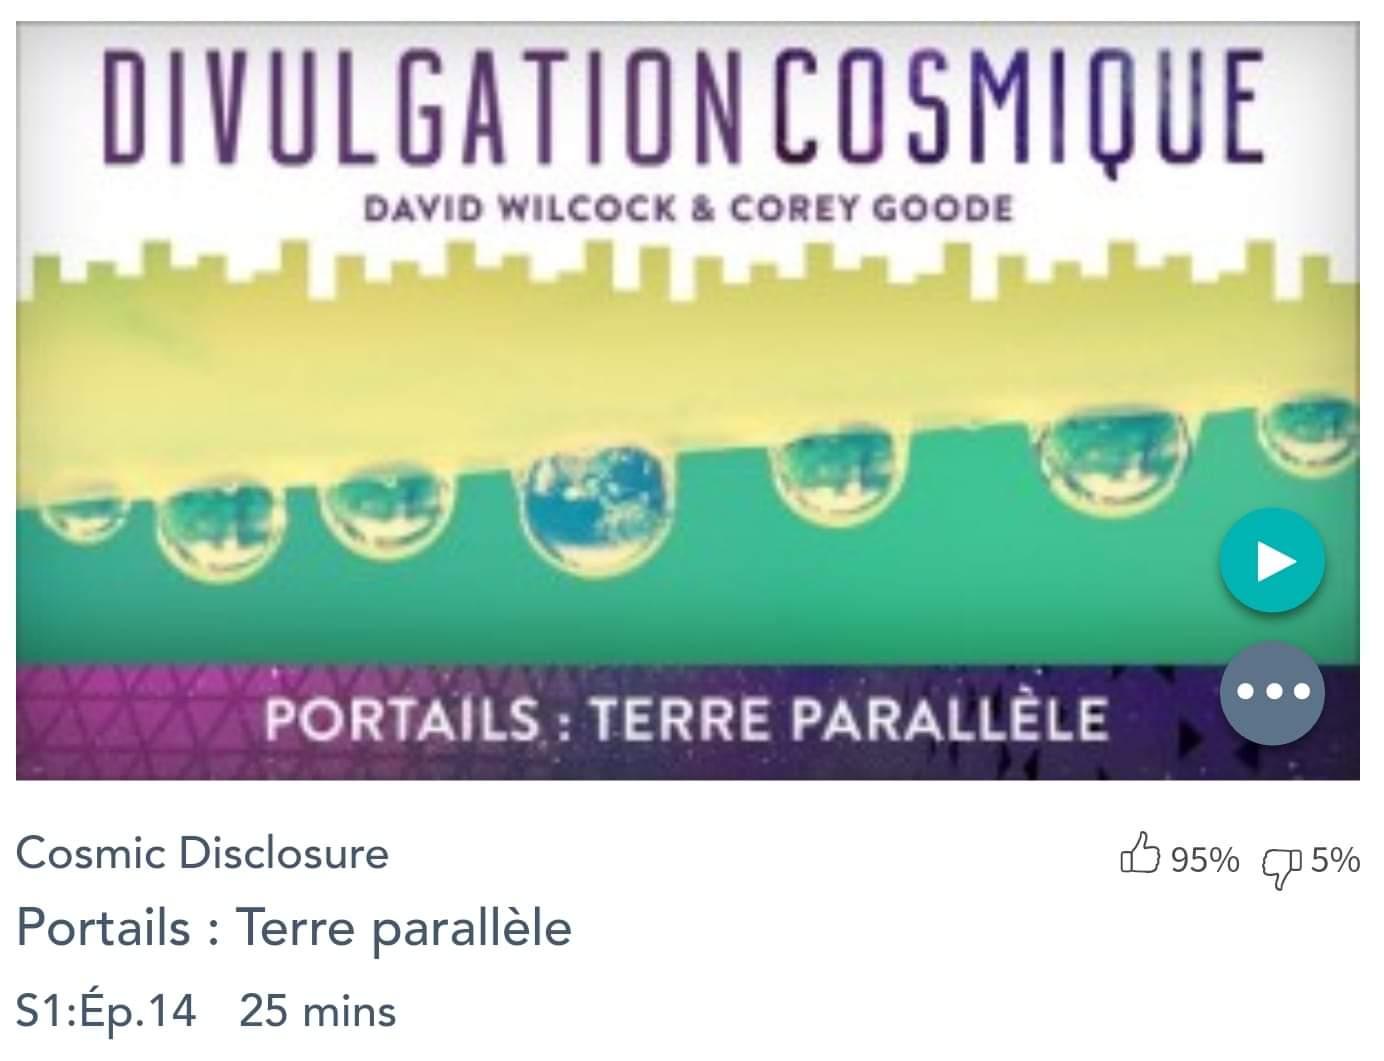 Émission « DIVULGATION COSMIQUE», l'intégrale. Saison 1, épisode 14/14 : PORTAILS VERS UNE TERRE PARALLÈLE